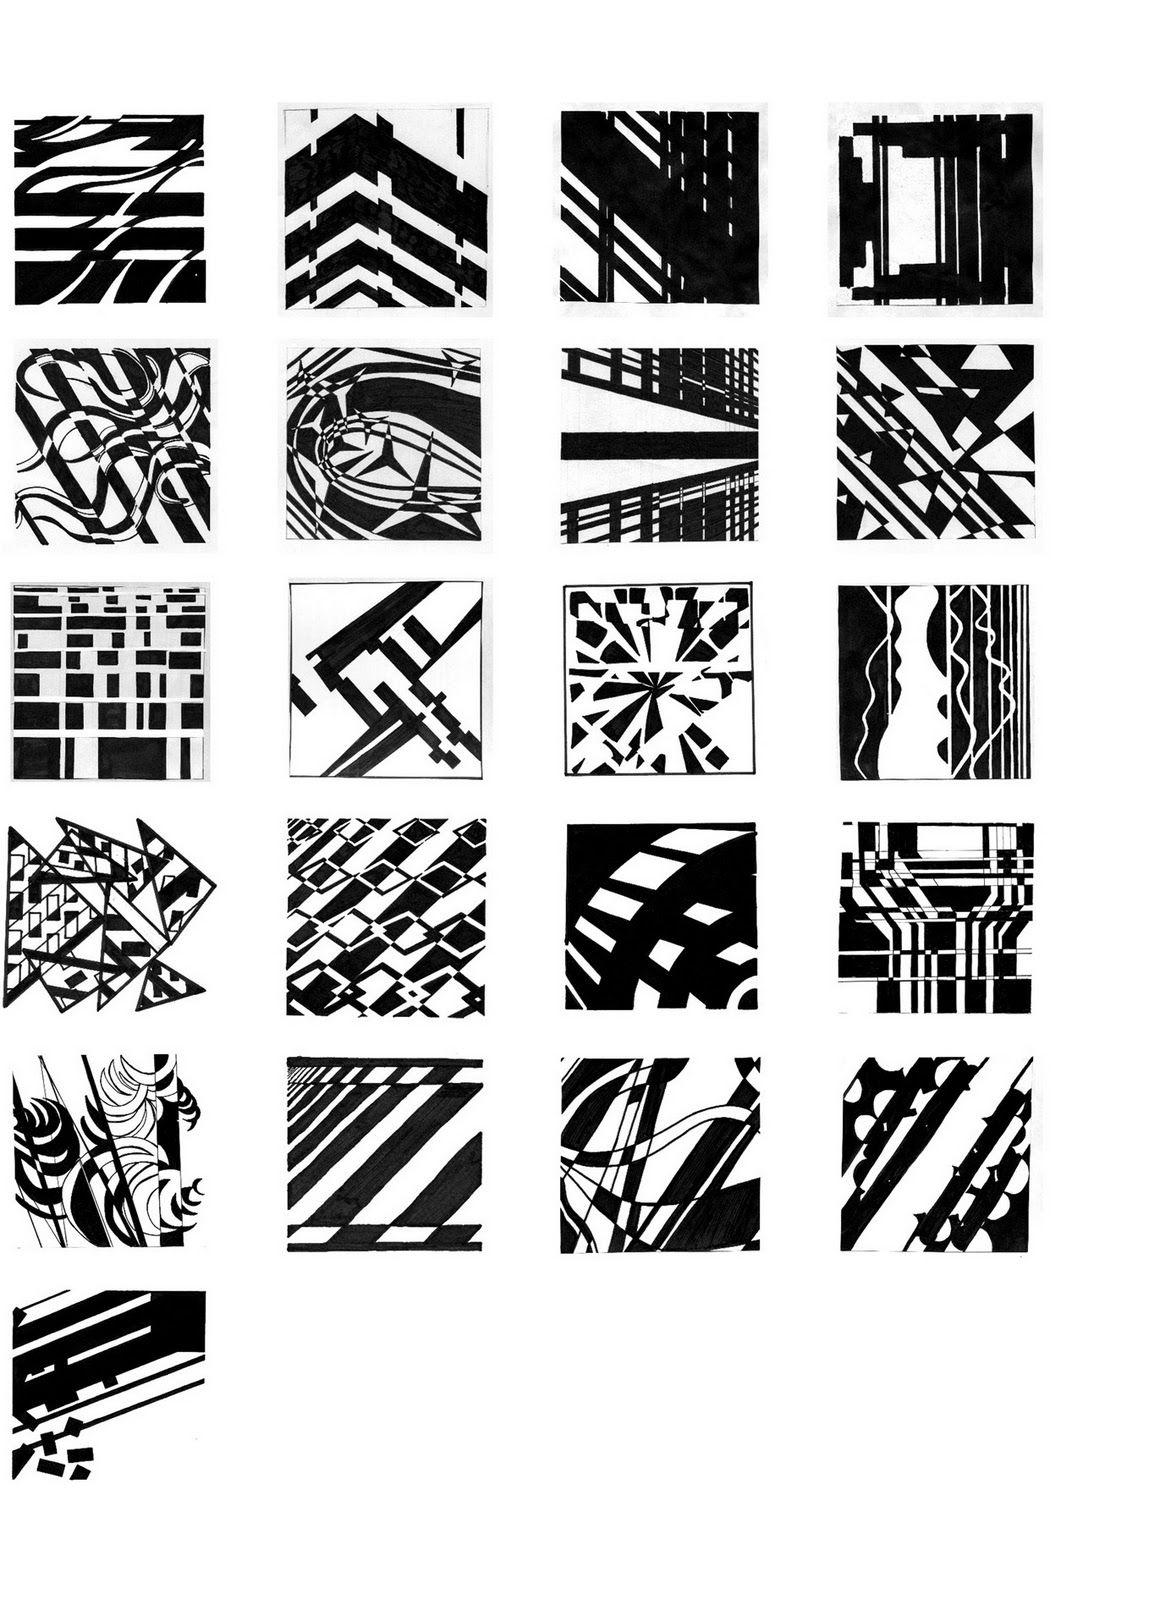 2d Rhythm Project Xavier Art Department Graficheskij Dizajn Obrazcy Kraski Abstraktnye Risunki